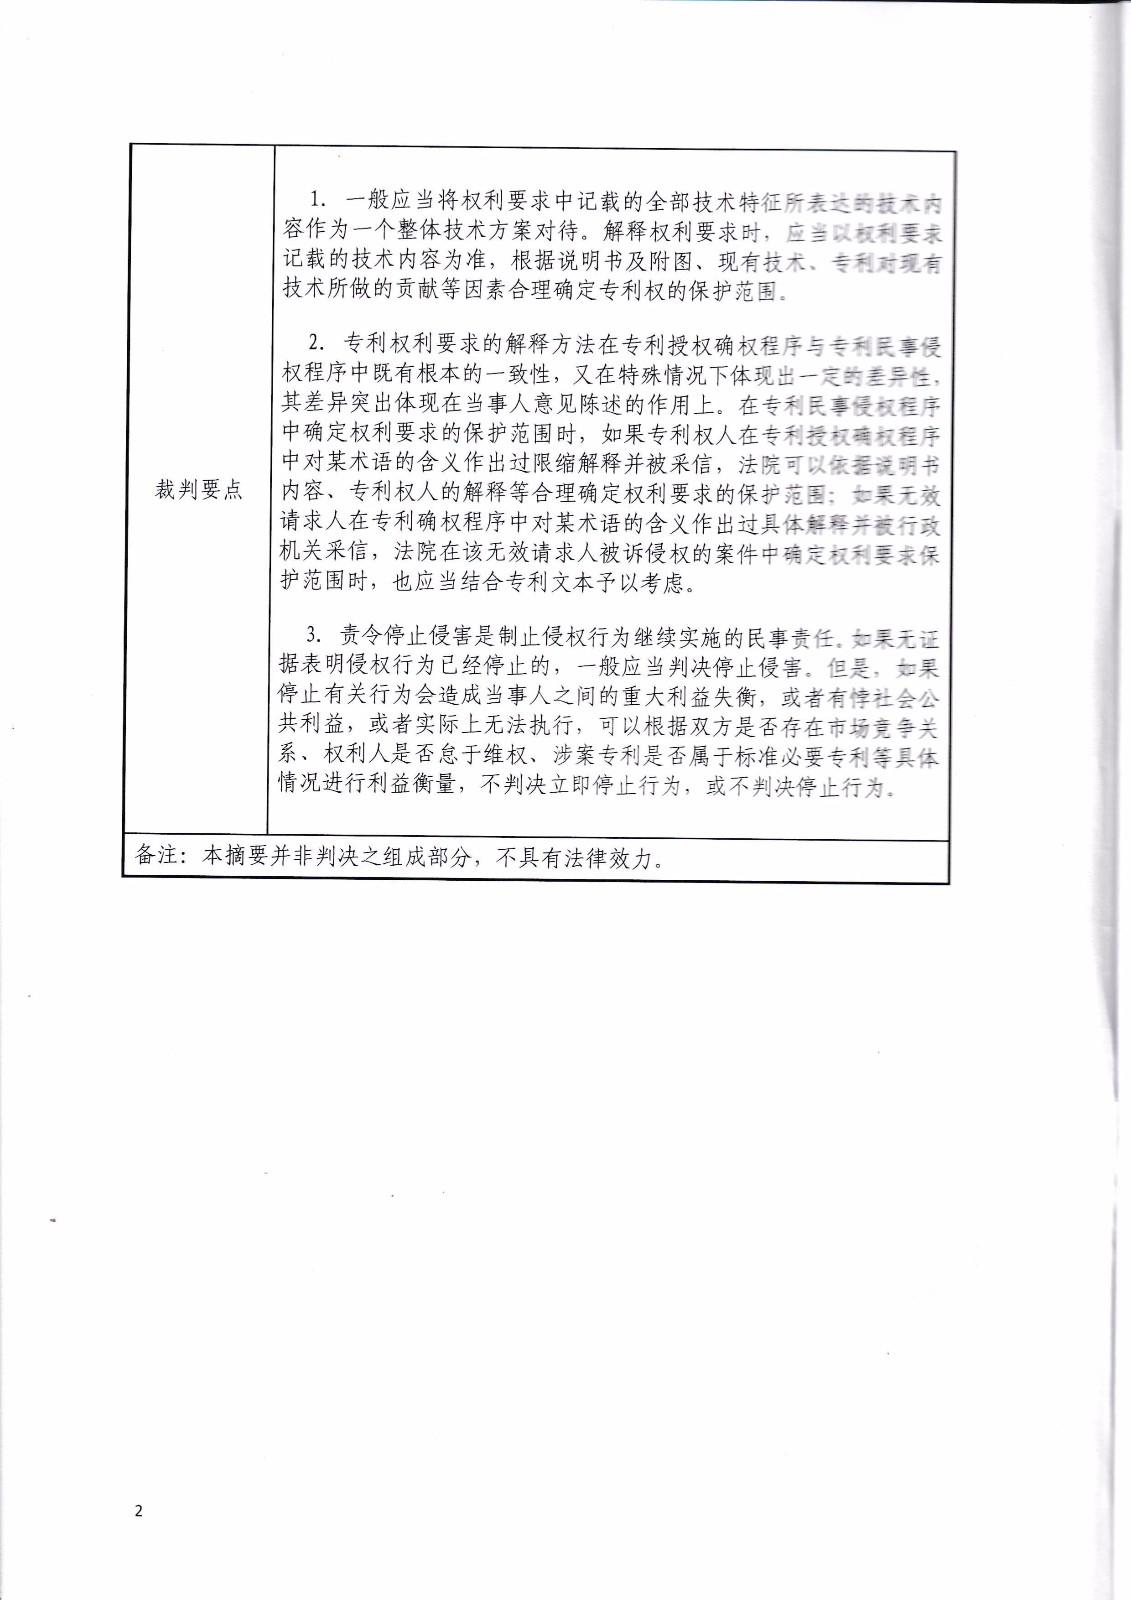 共享充电宝专利大战!街电被判停止使用侵权产品(判决书全文)